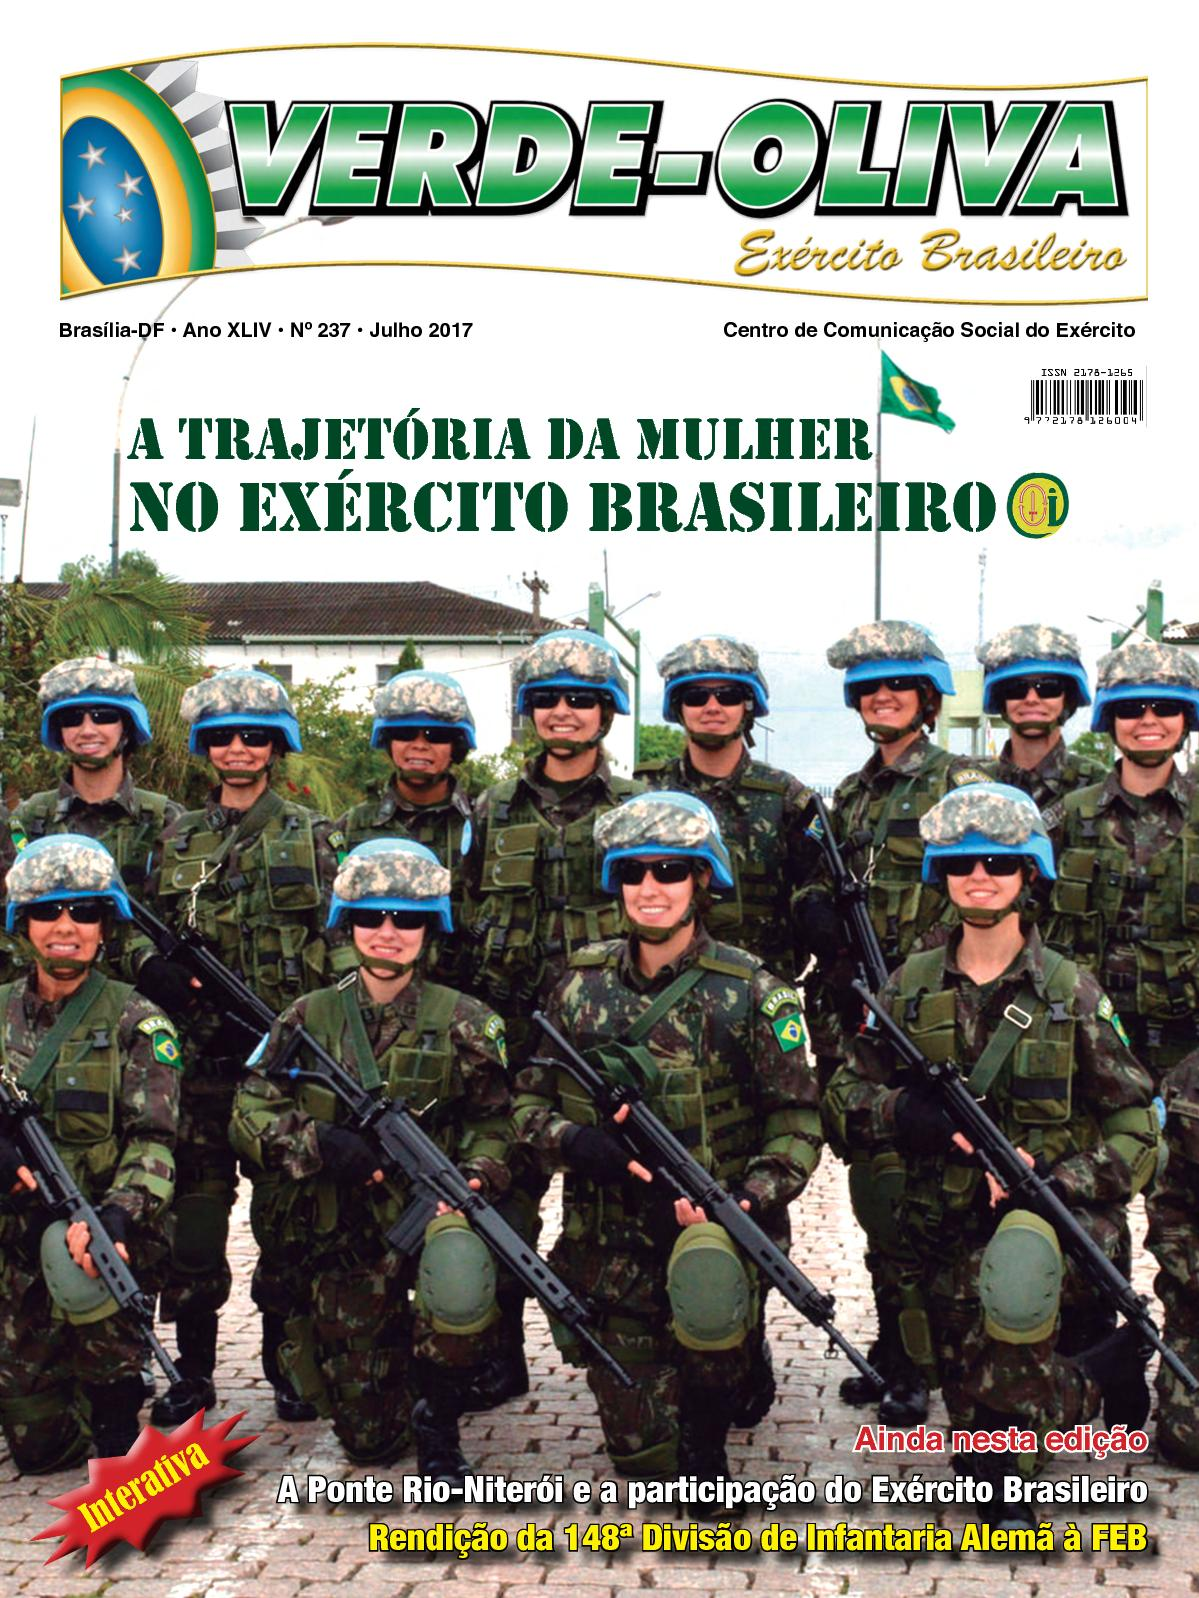 Calaméo - Revista Verde-Oliva Nº 237 INTERATIVA 855aab6fbd7